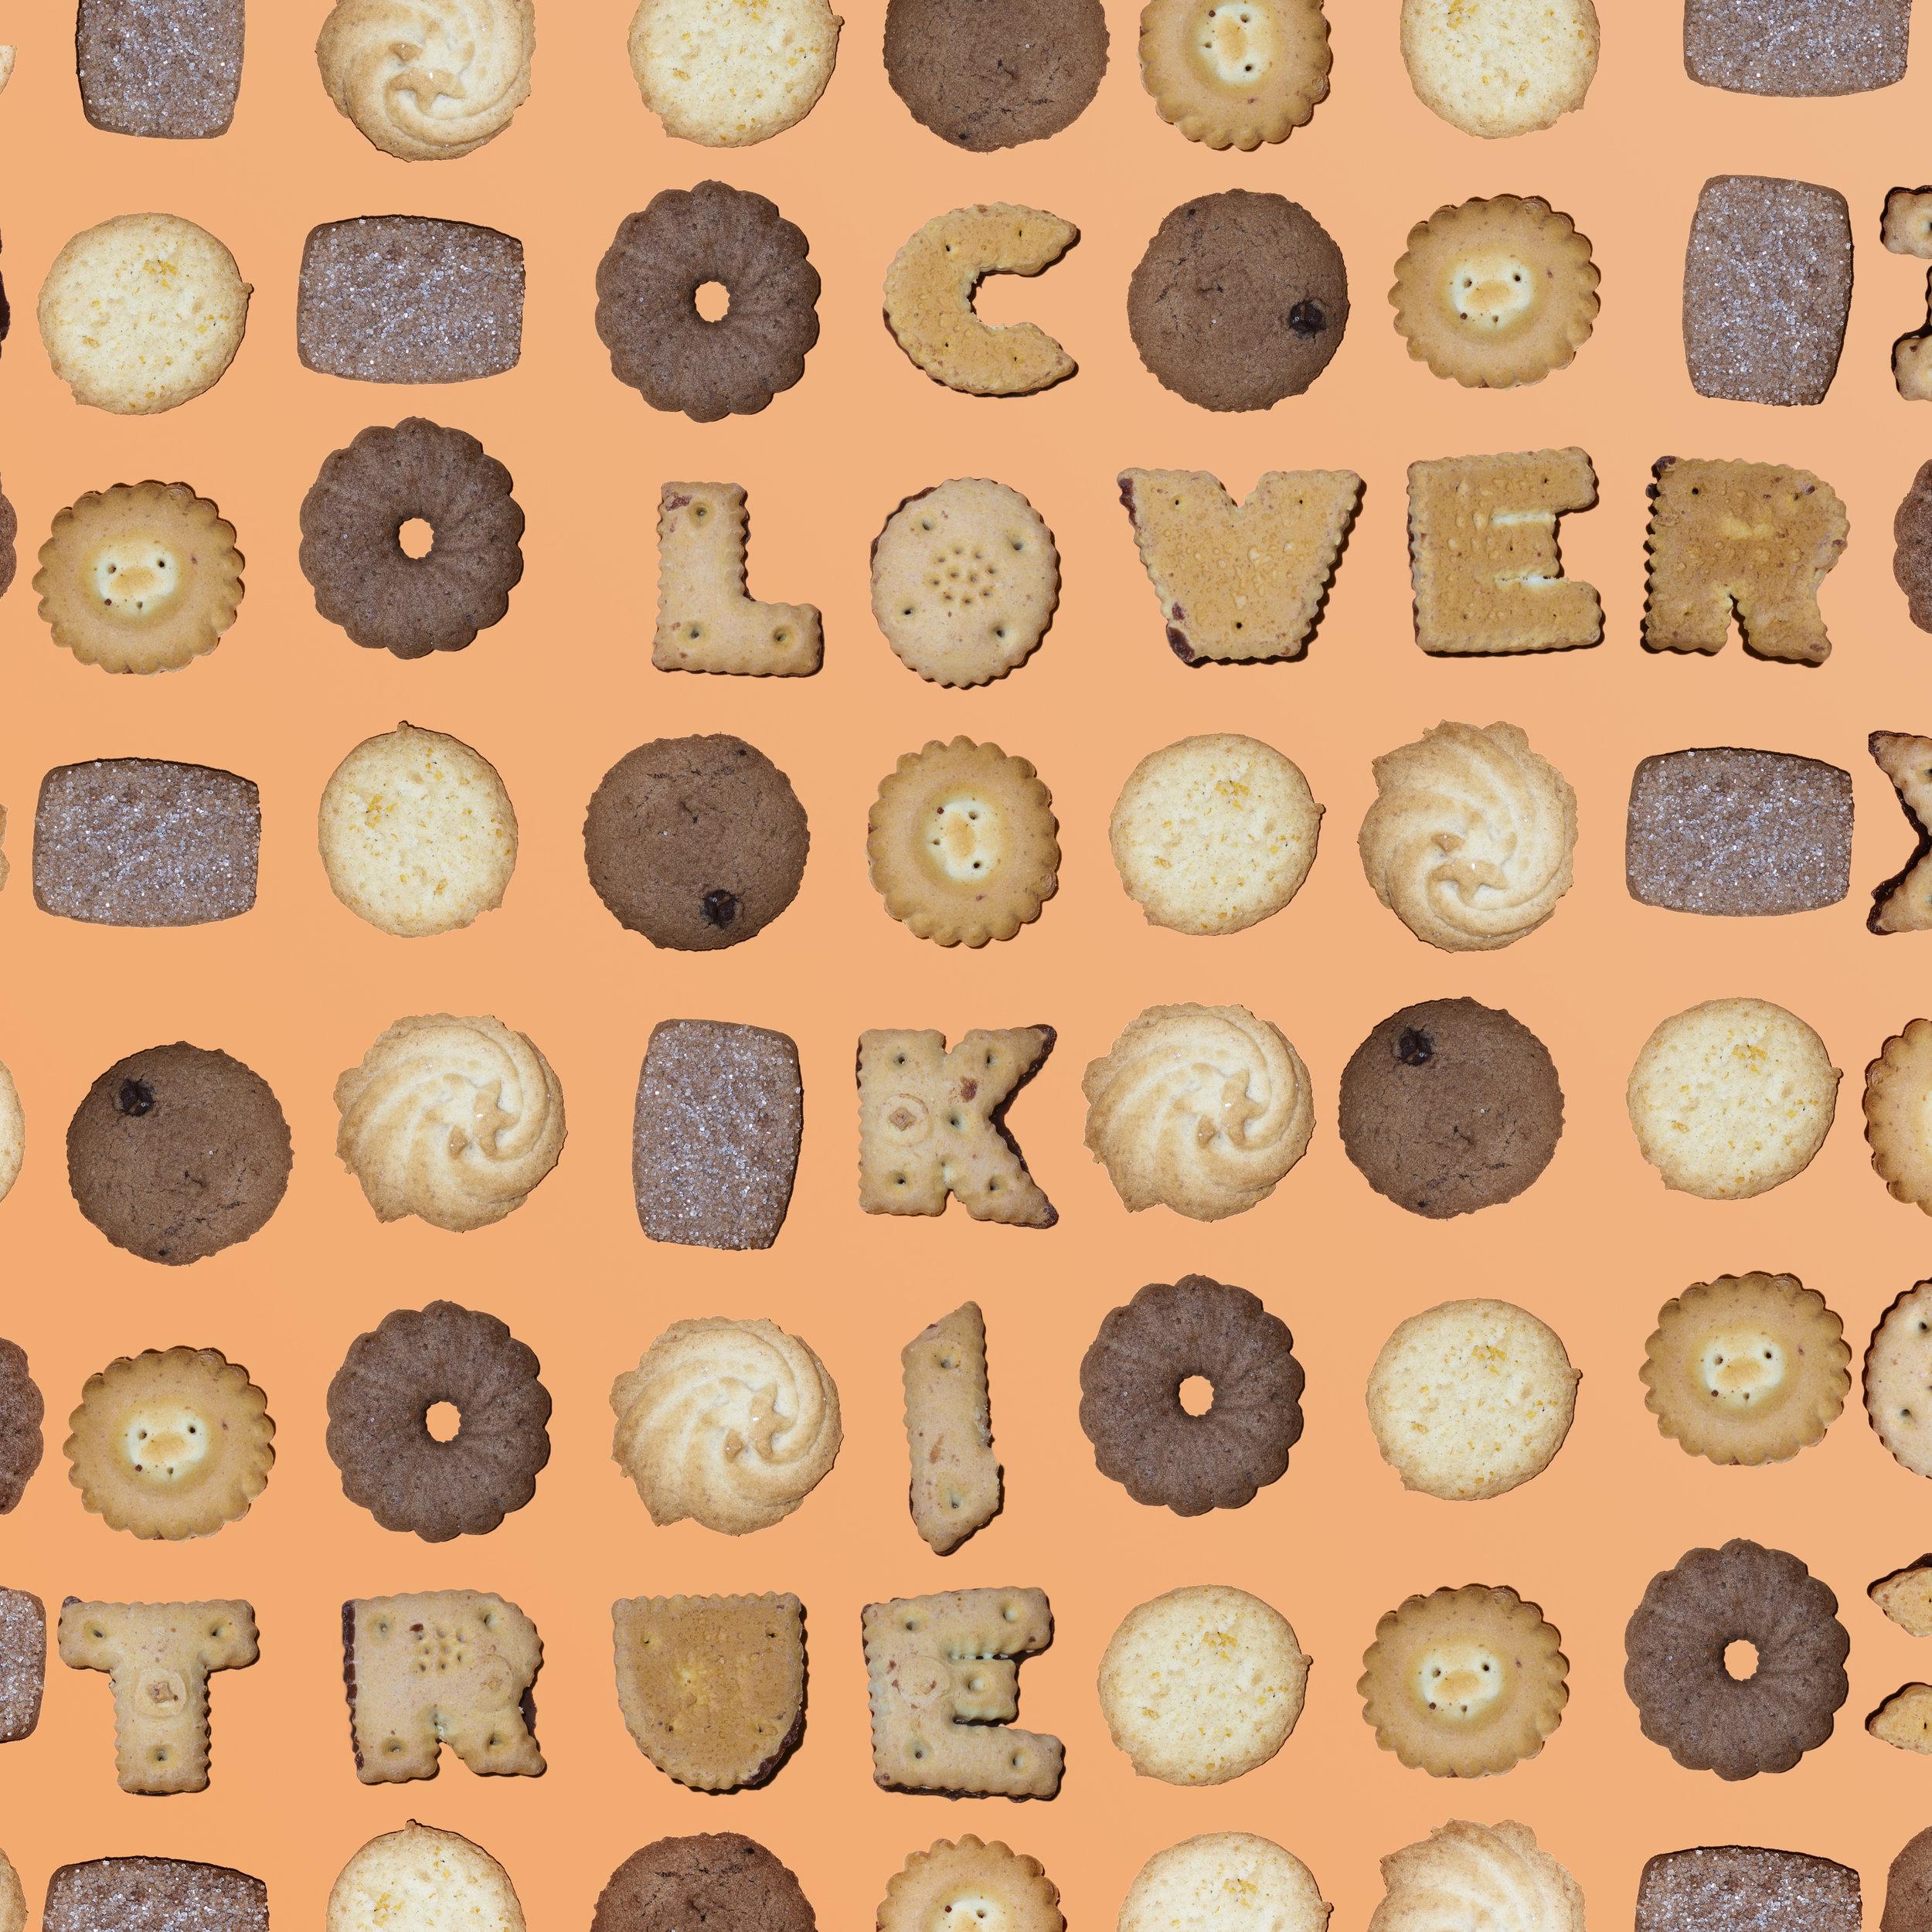 December 21st - Crosswords Day